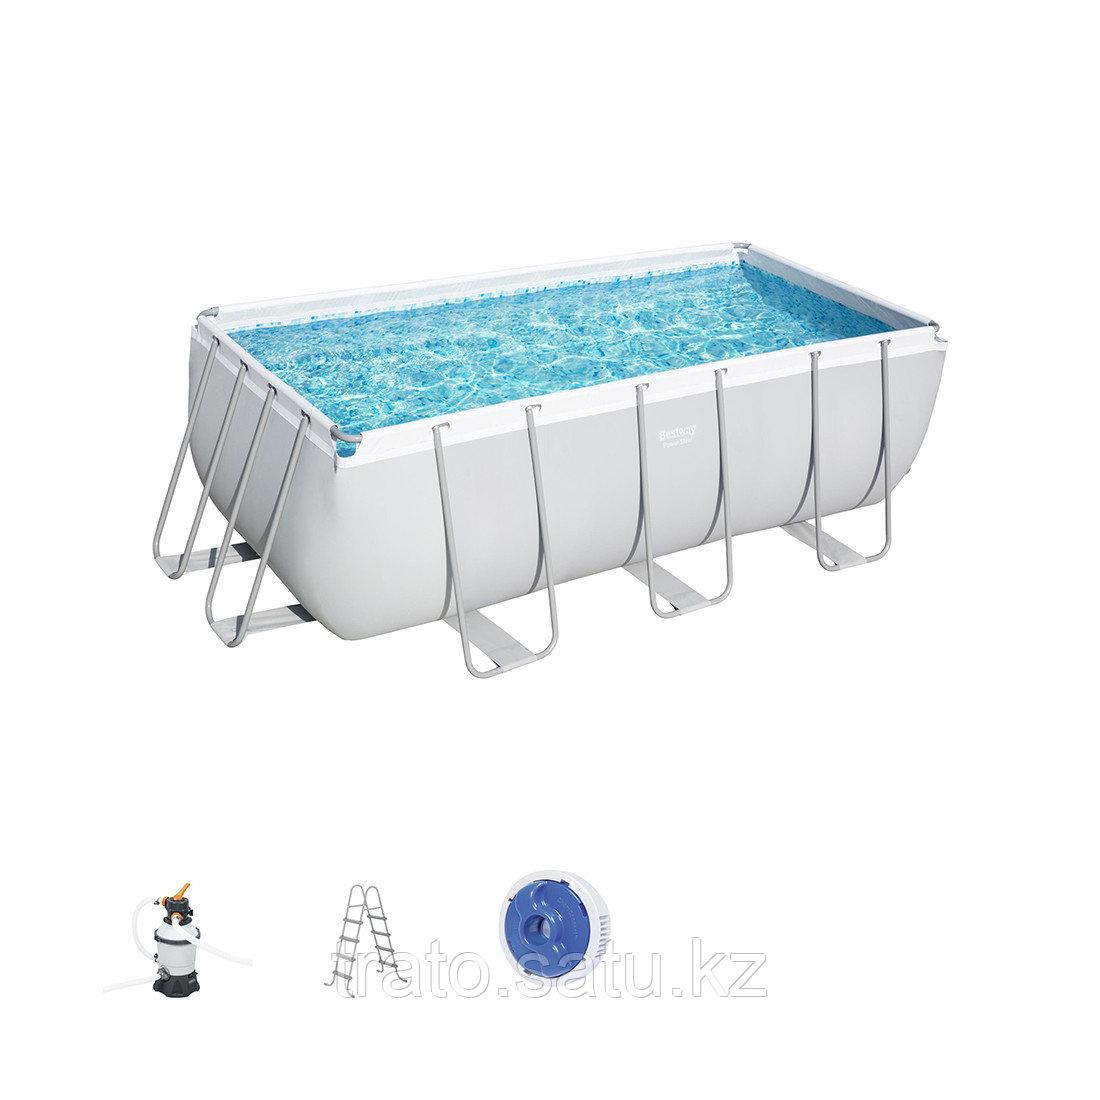 Каркасный бассейн Bestway 412х201х122 см с песочным фильтром